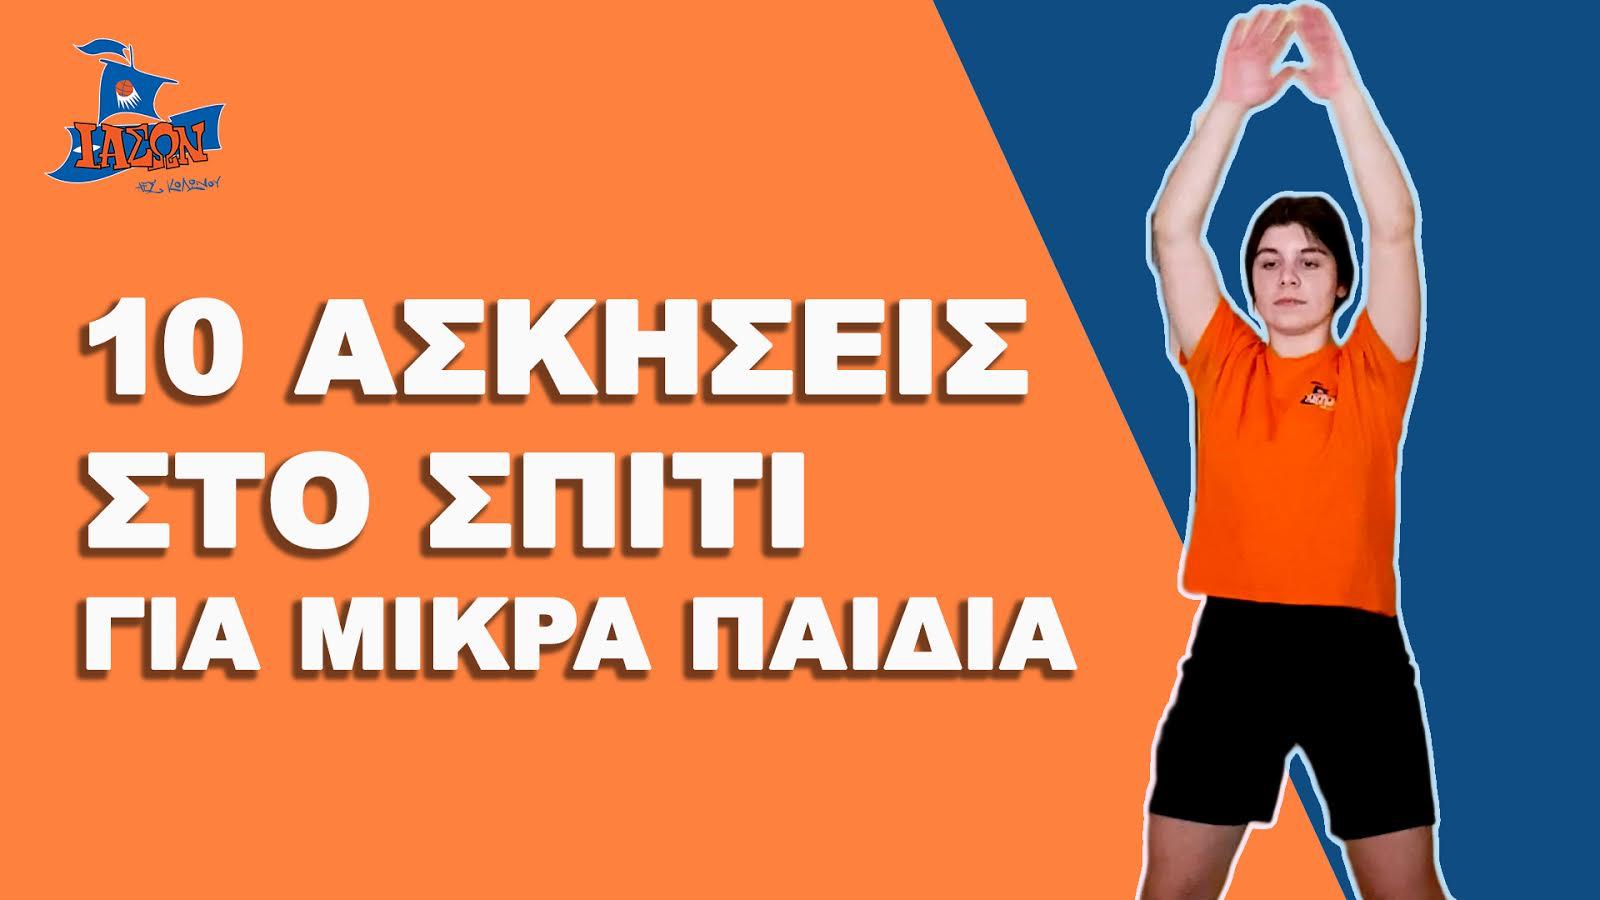 Ασκήσεις στο Σπίτι από τις Αθλήτριες του Volley